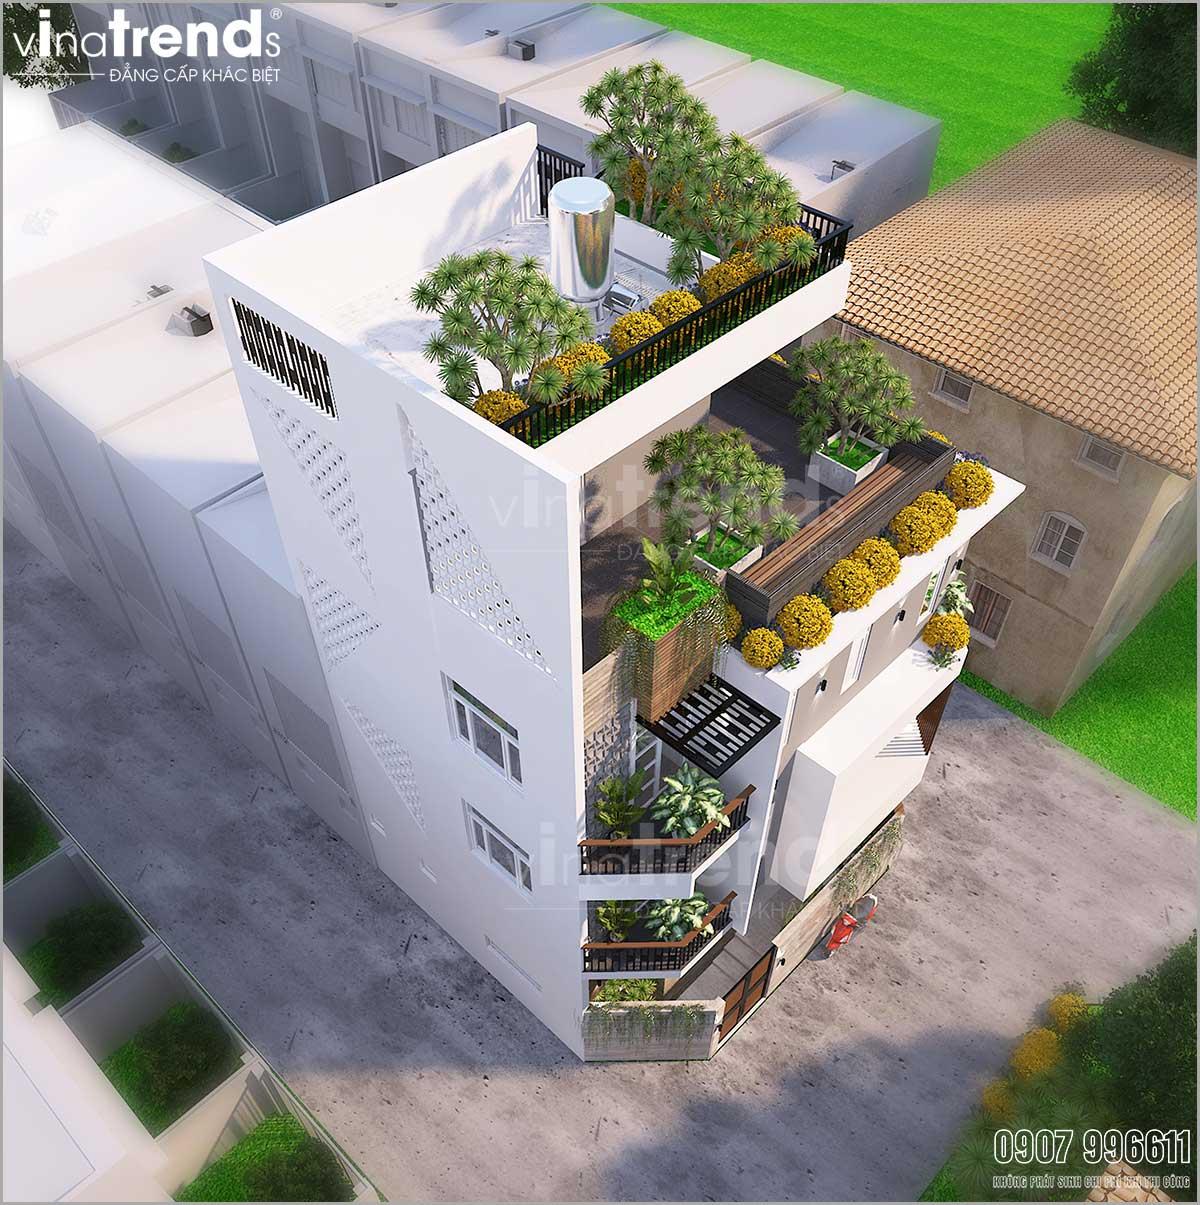 mau biet thu hien dai 4 tang co san thuong cay xanh duoi 100m2 o sai gon Mẫu nhà biệt thự hiện đại 3 mặt tiền 4 tầng có sân thượng diện tích 9,6x9,5m ở Quận 2 Sài Gòn